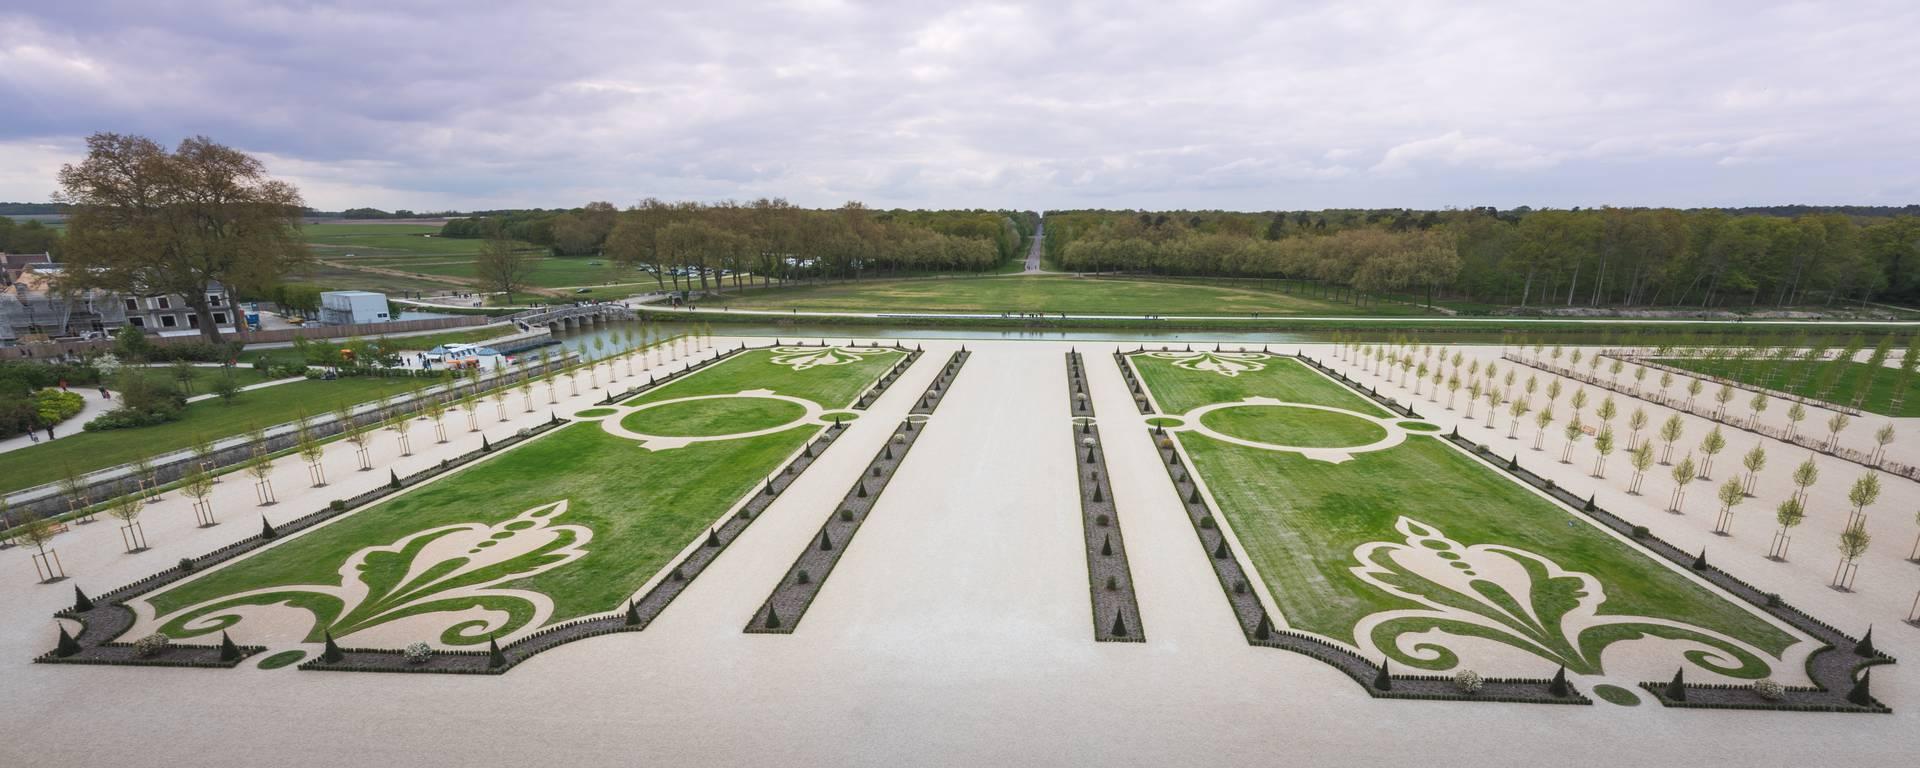 Jardins à la Française de Chambord